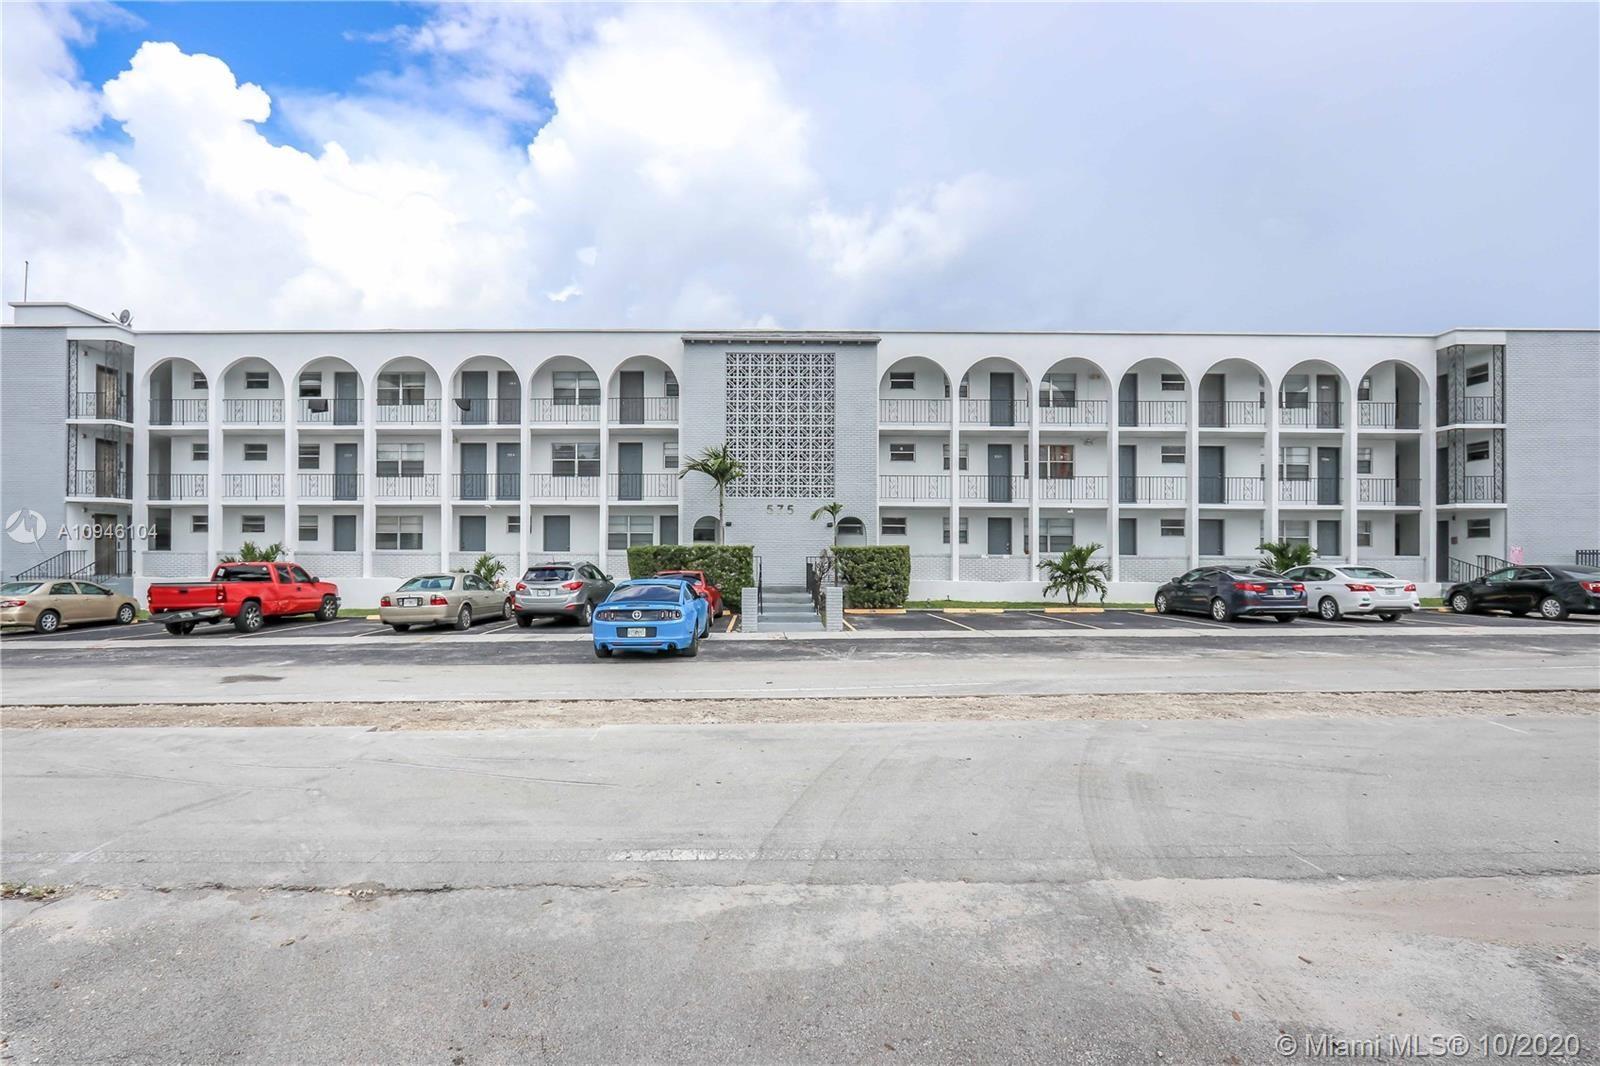 575 NE 143rd St, North Miami, FL 33161